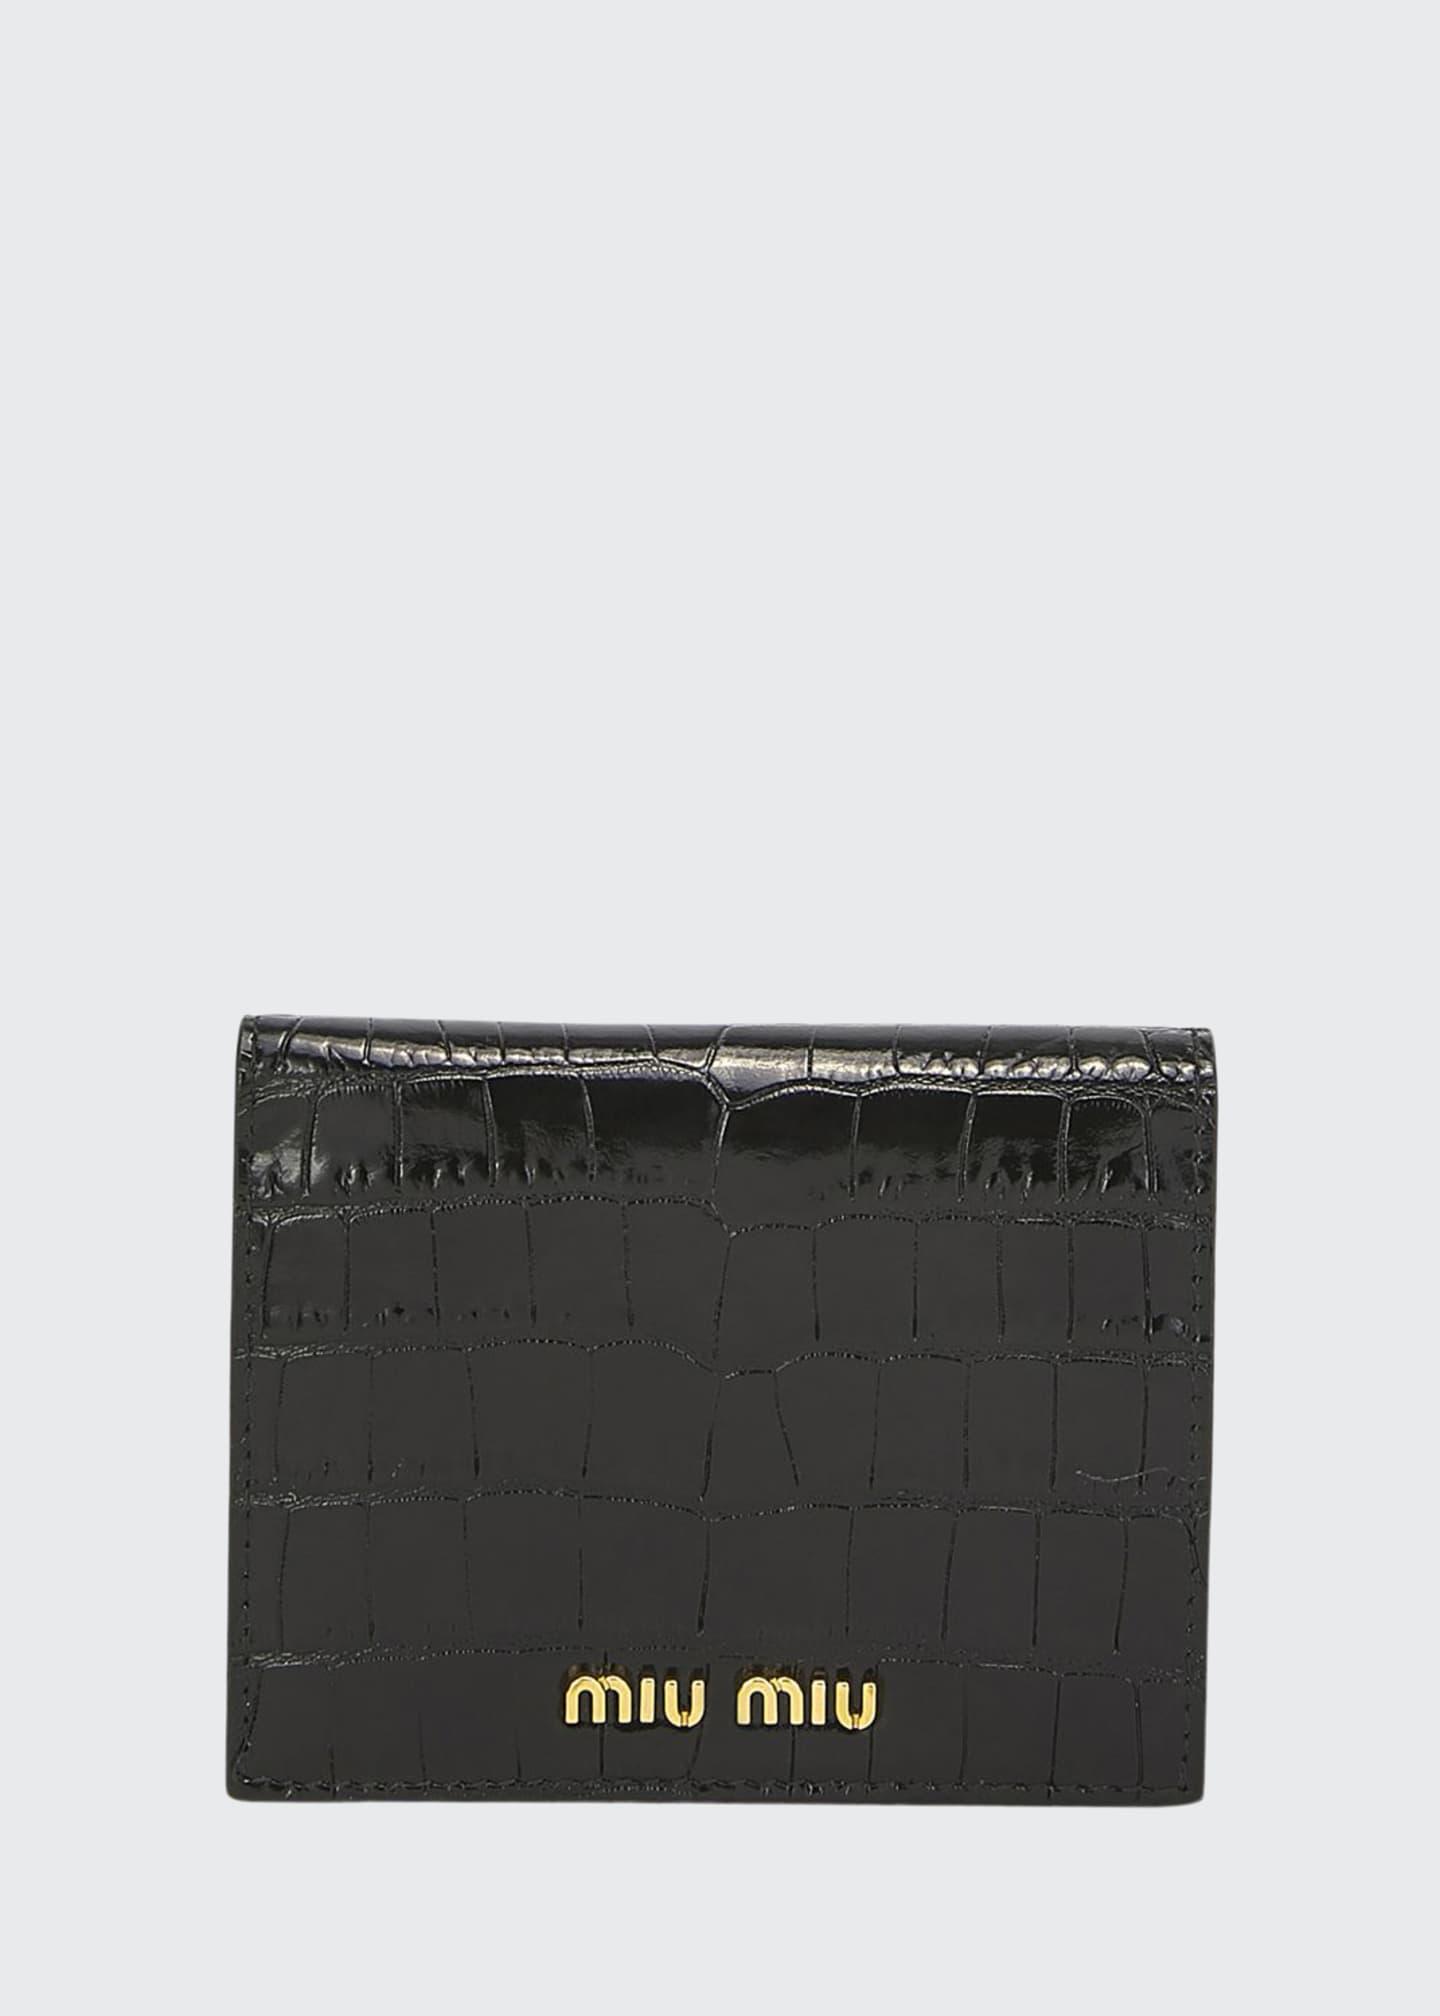 Miu Miu Croc-Embossed Wallet